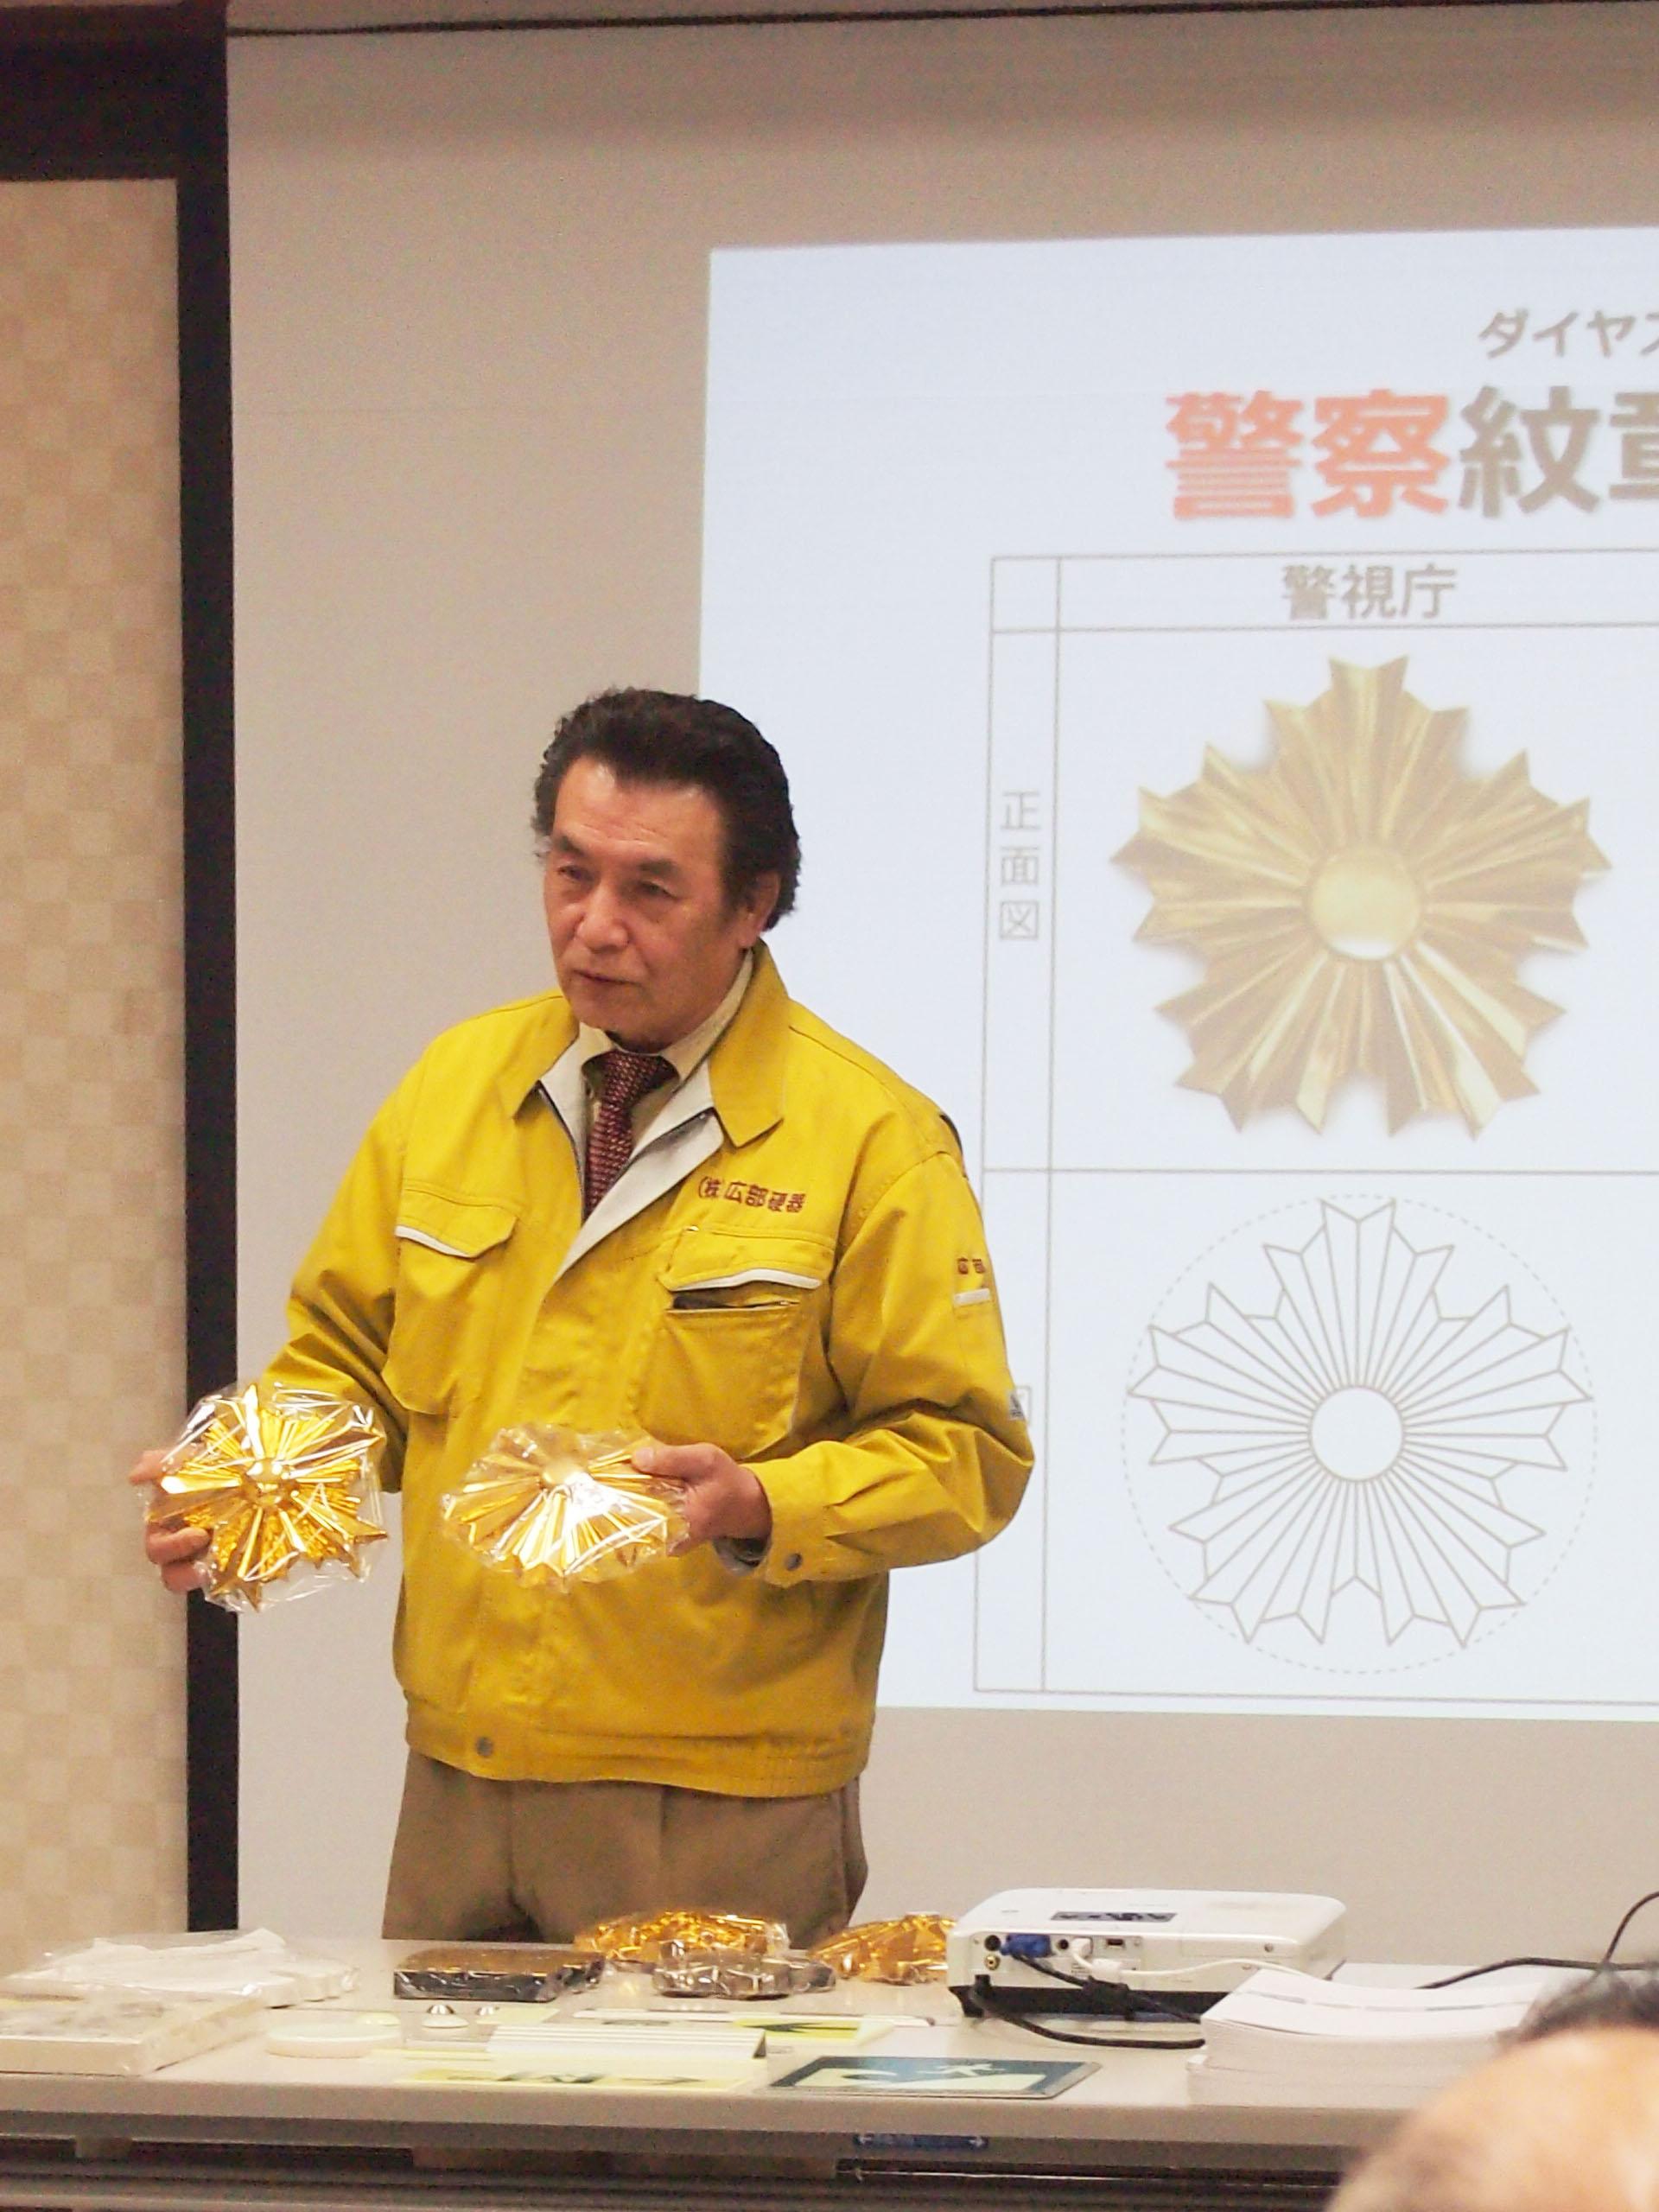 宝永公民館での講演